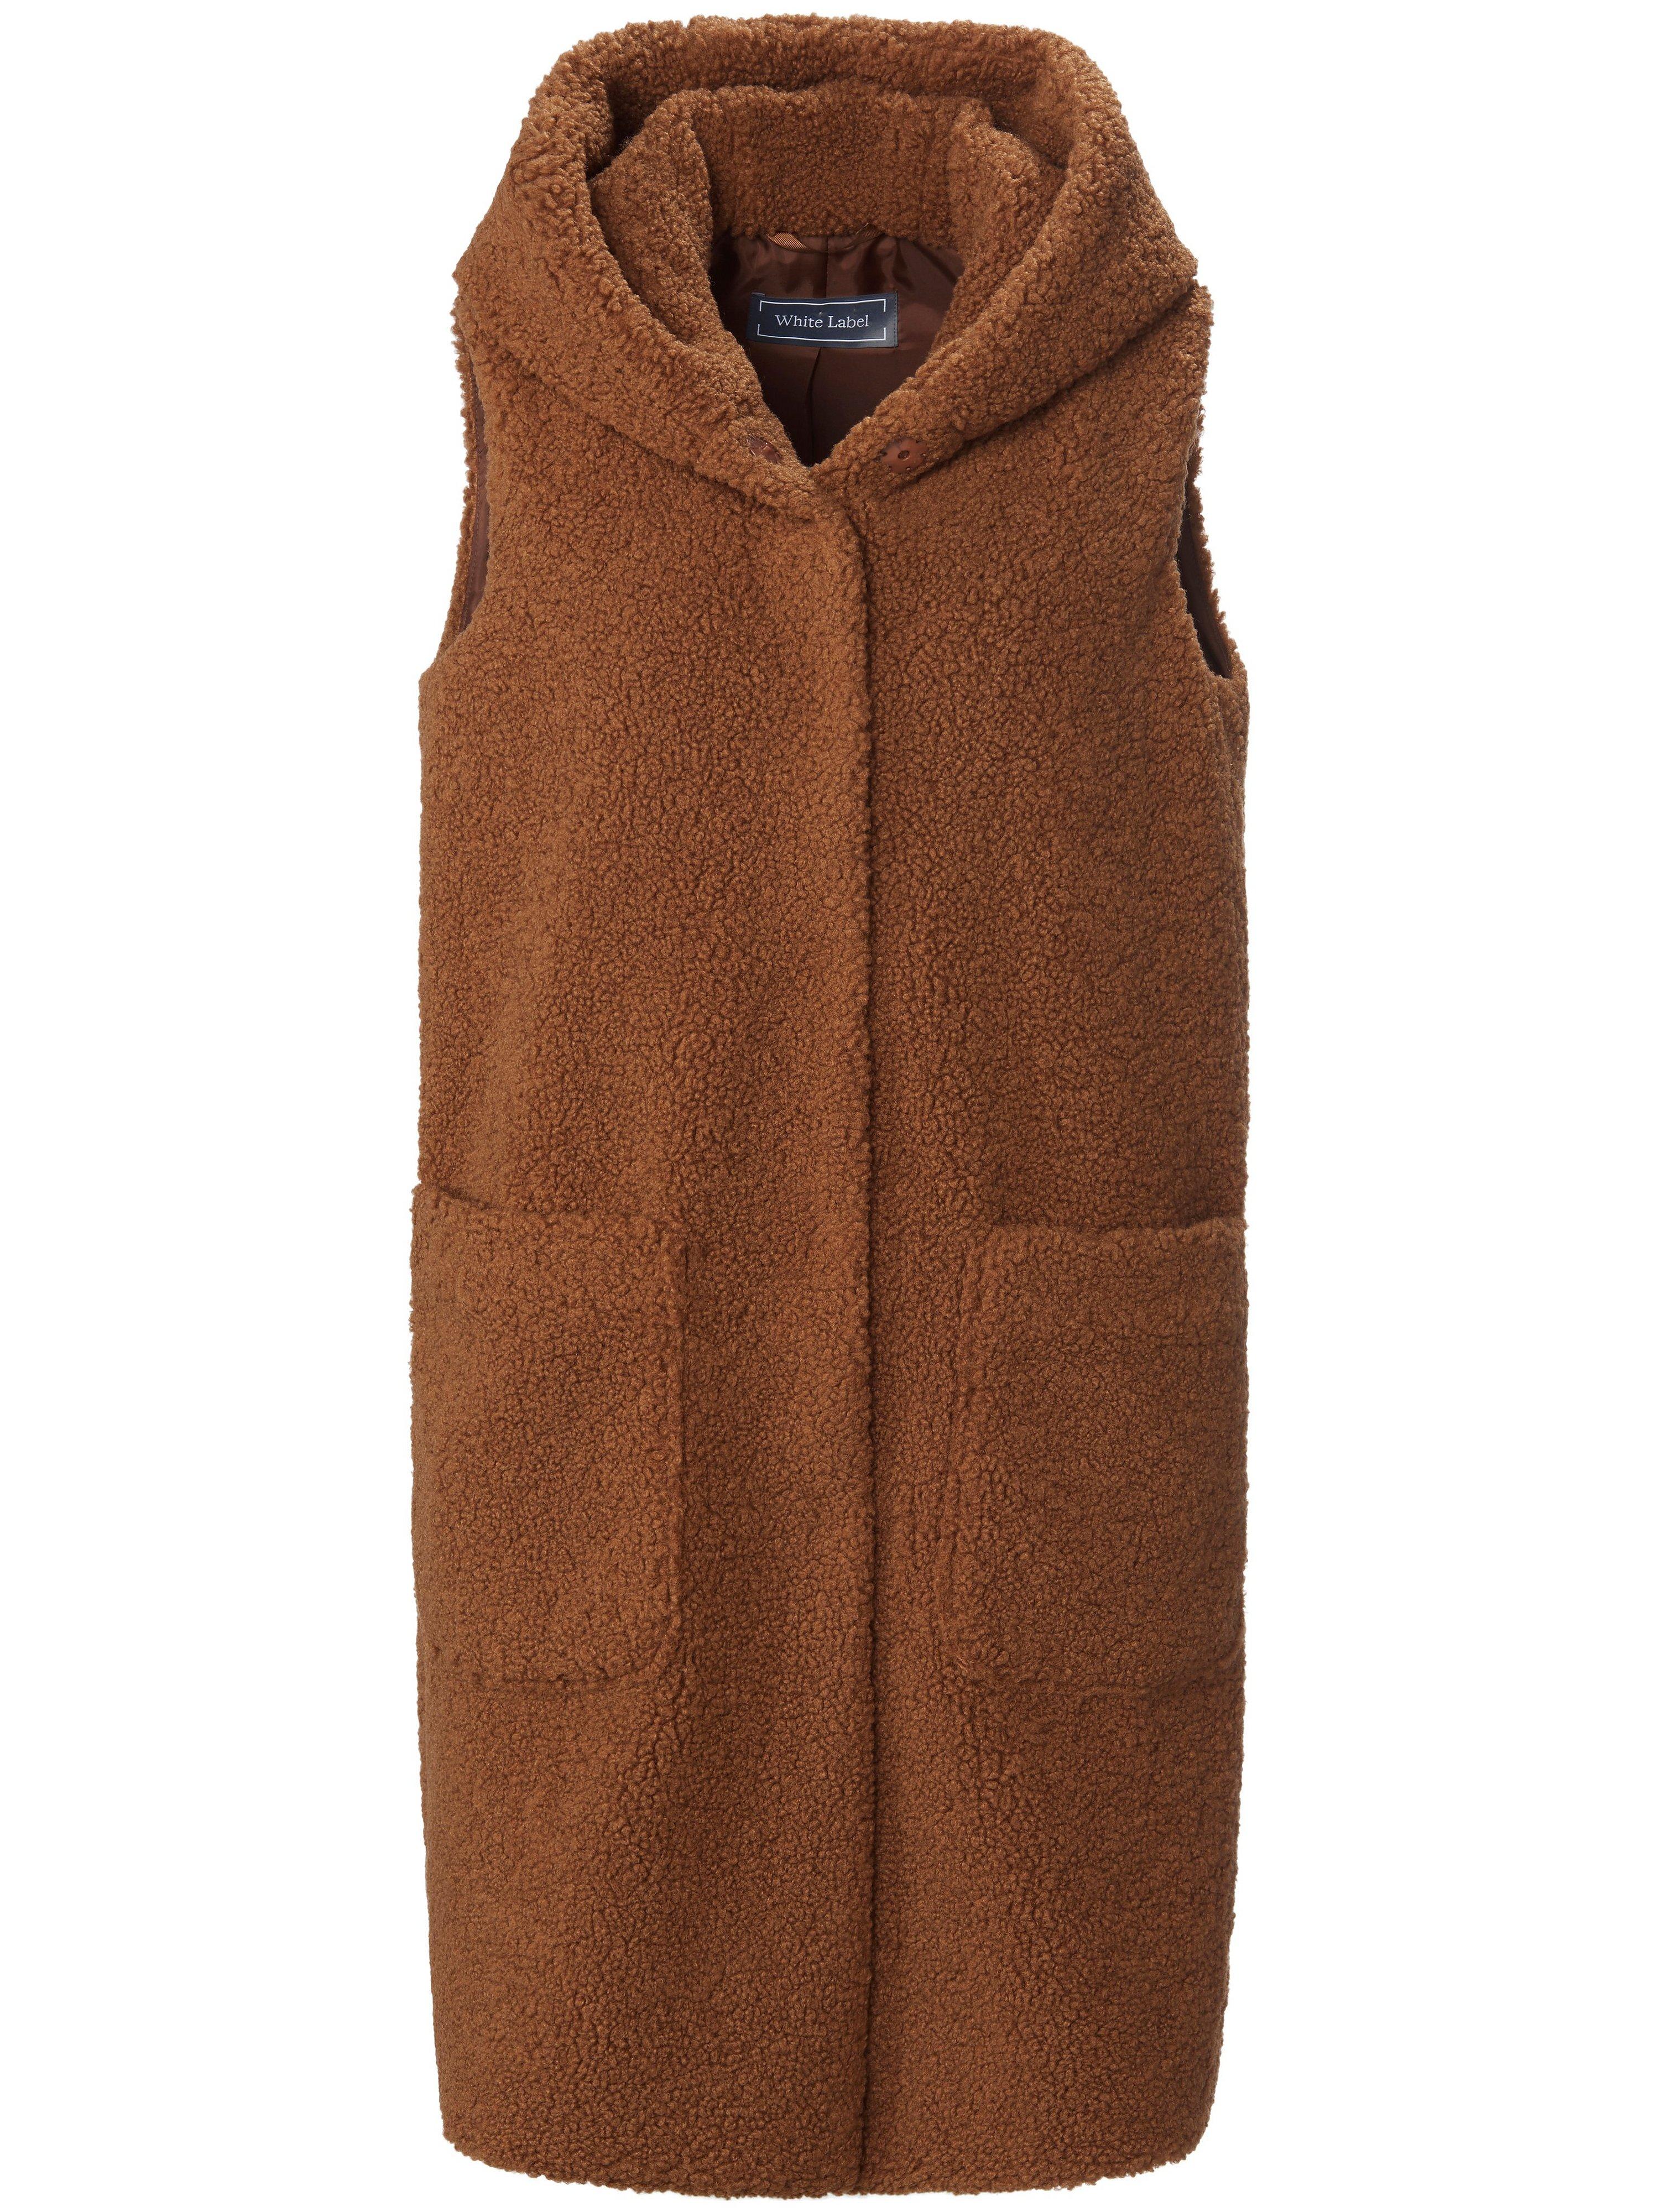 Lang mouwloos vest imitatiebont capuchon Van White Label bruin